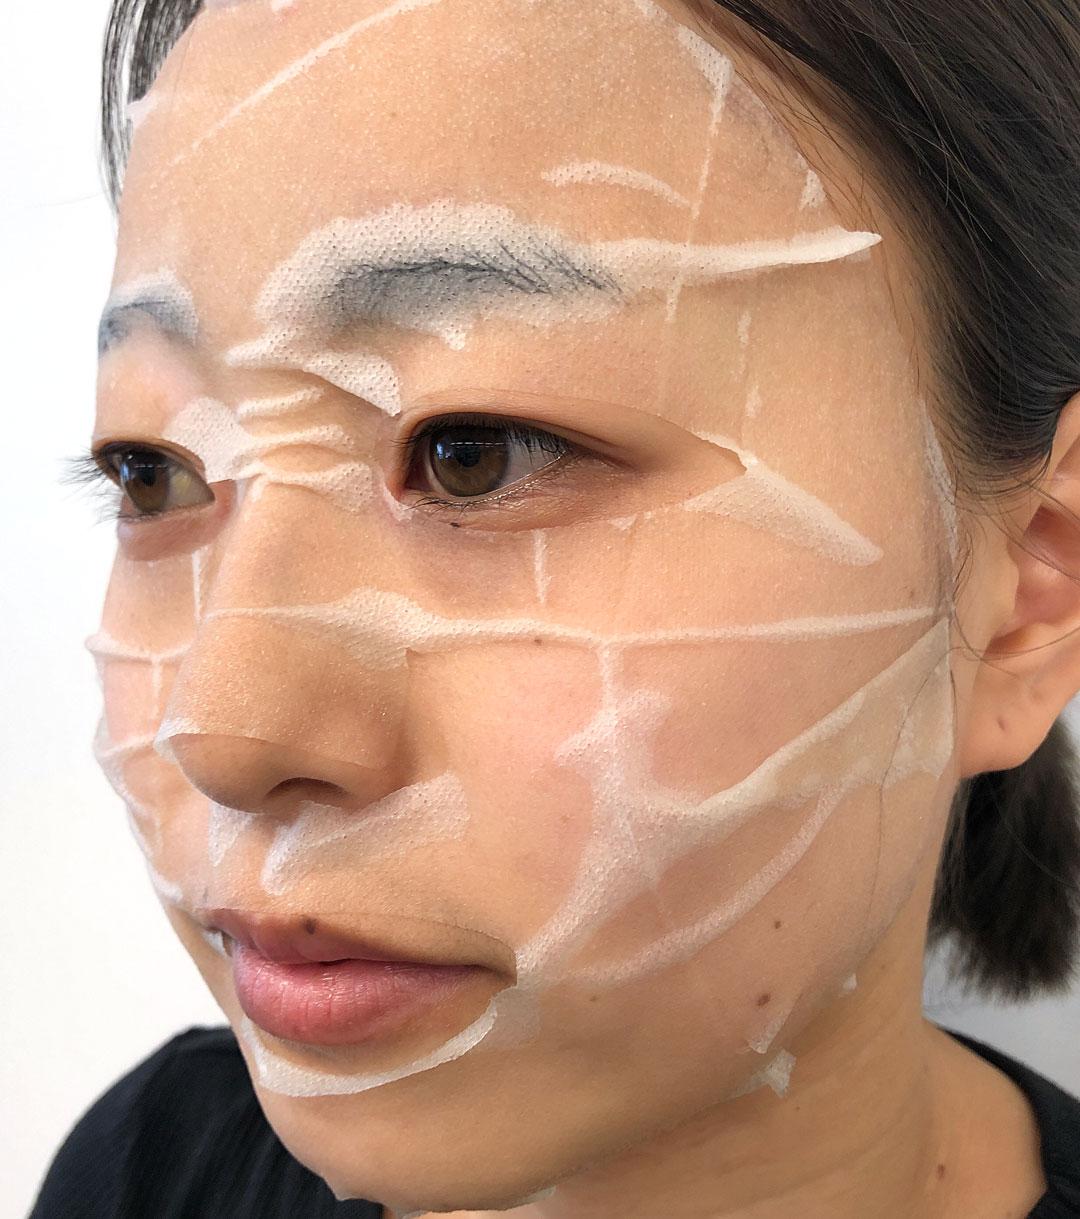 なんか最近、肌くすみが気になる。ずっと悩んでいる人は『〇〇〇〇マスク』使ってみて!の画像